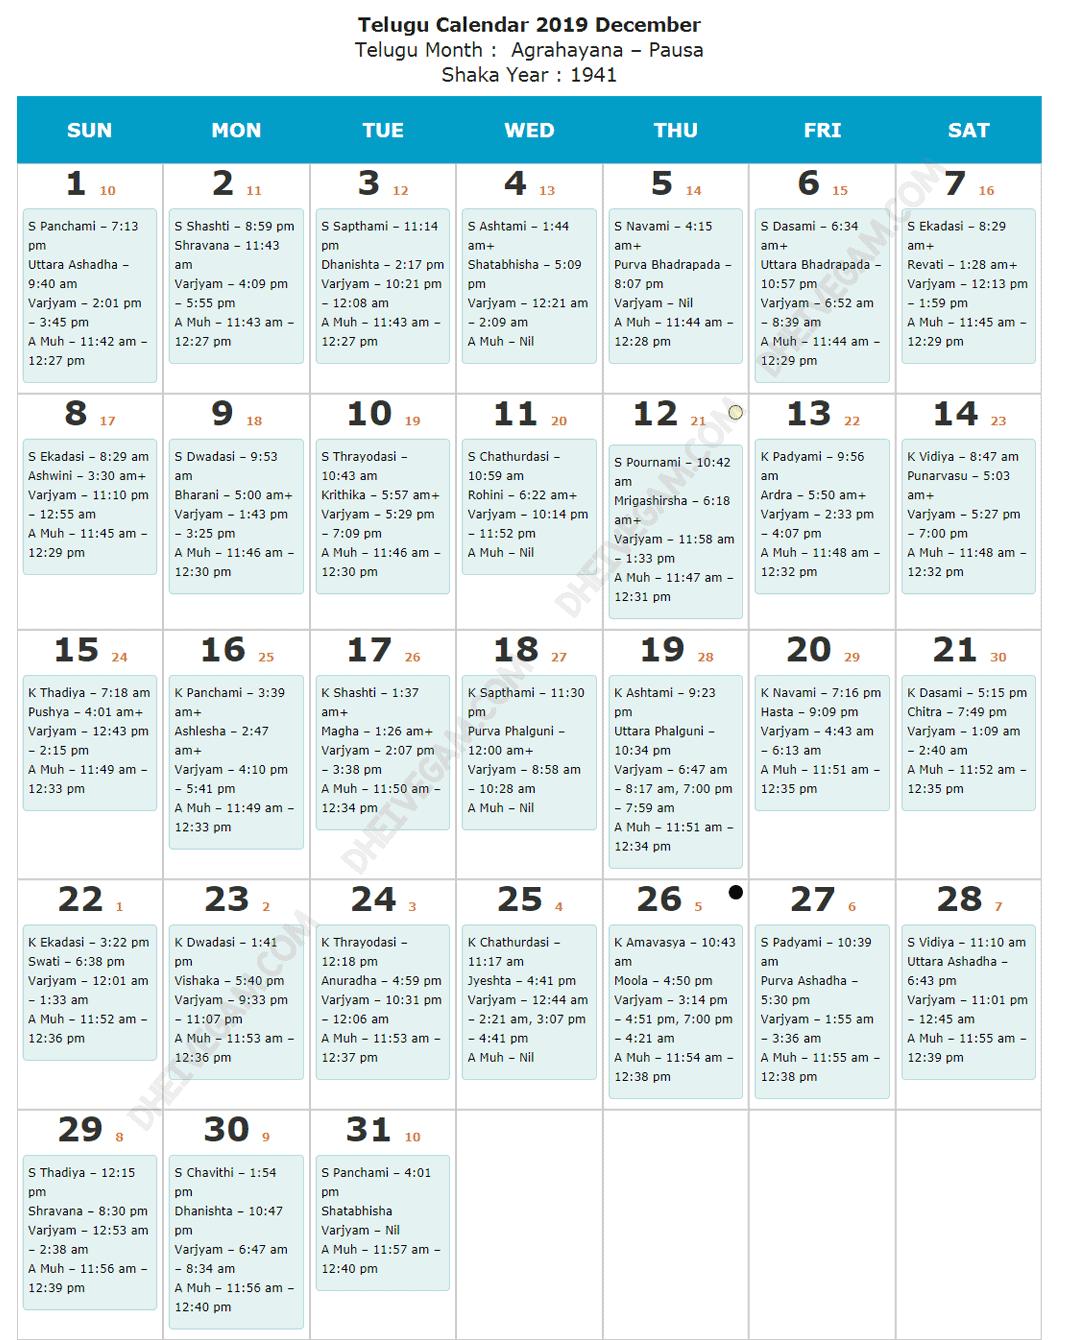 December 2019 Telugu calendar